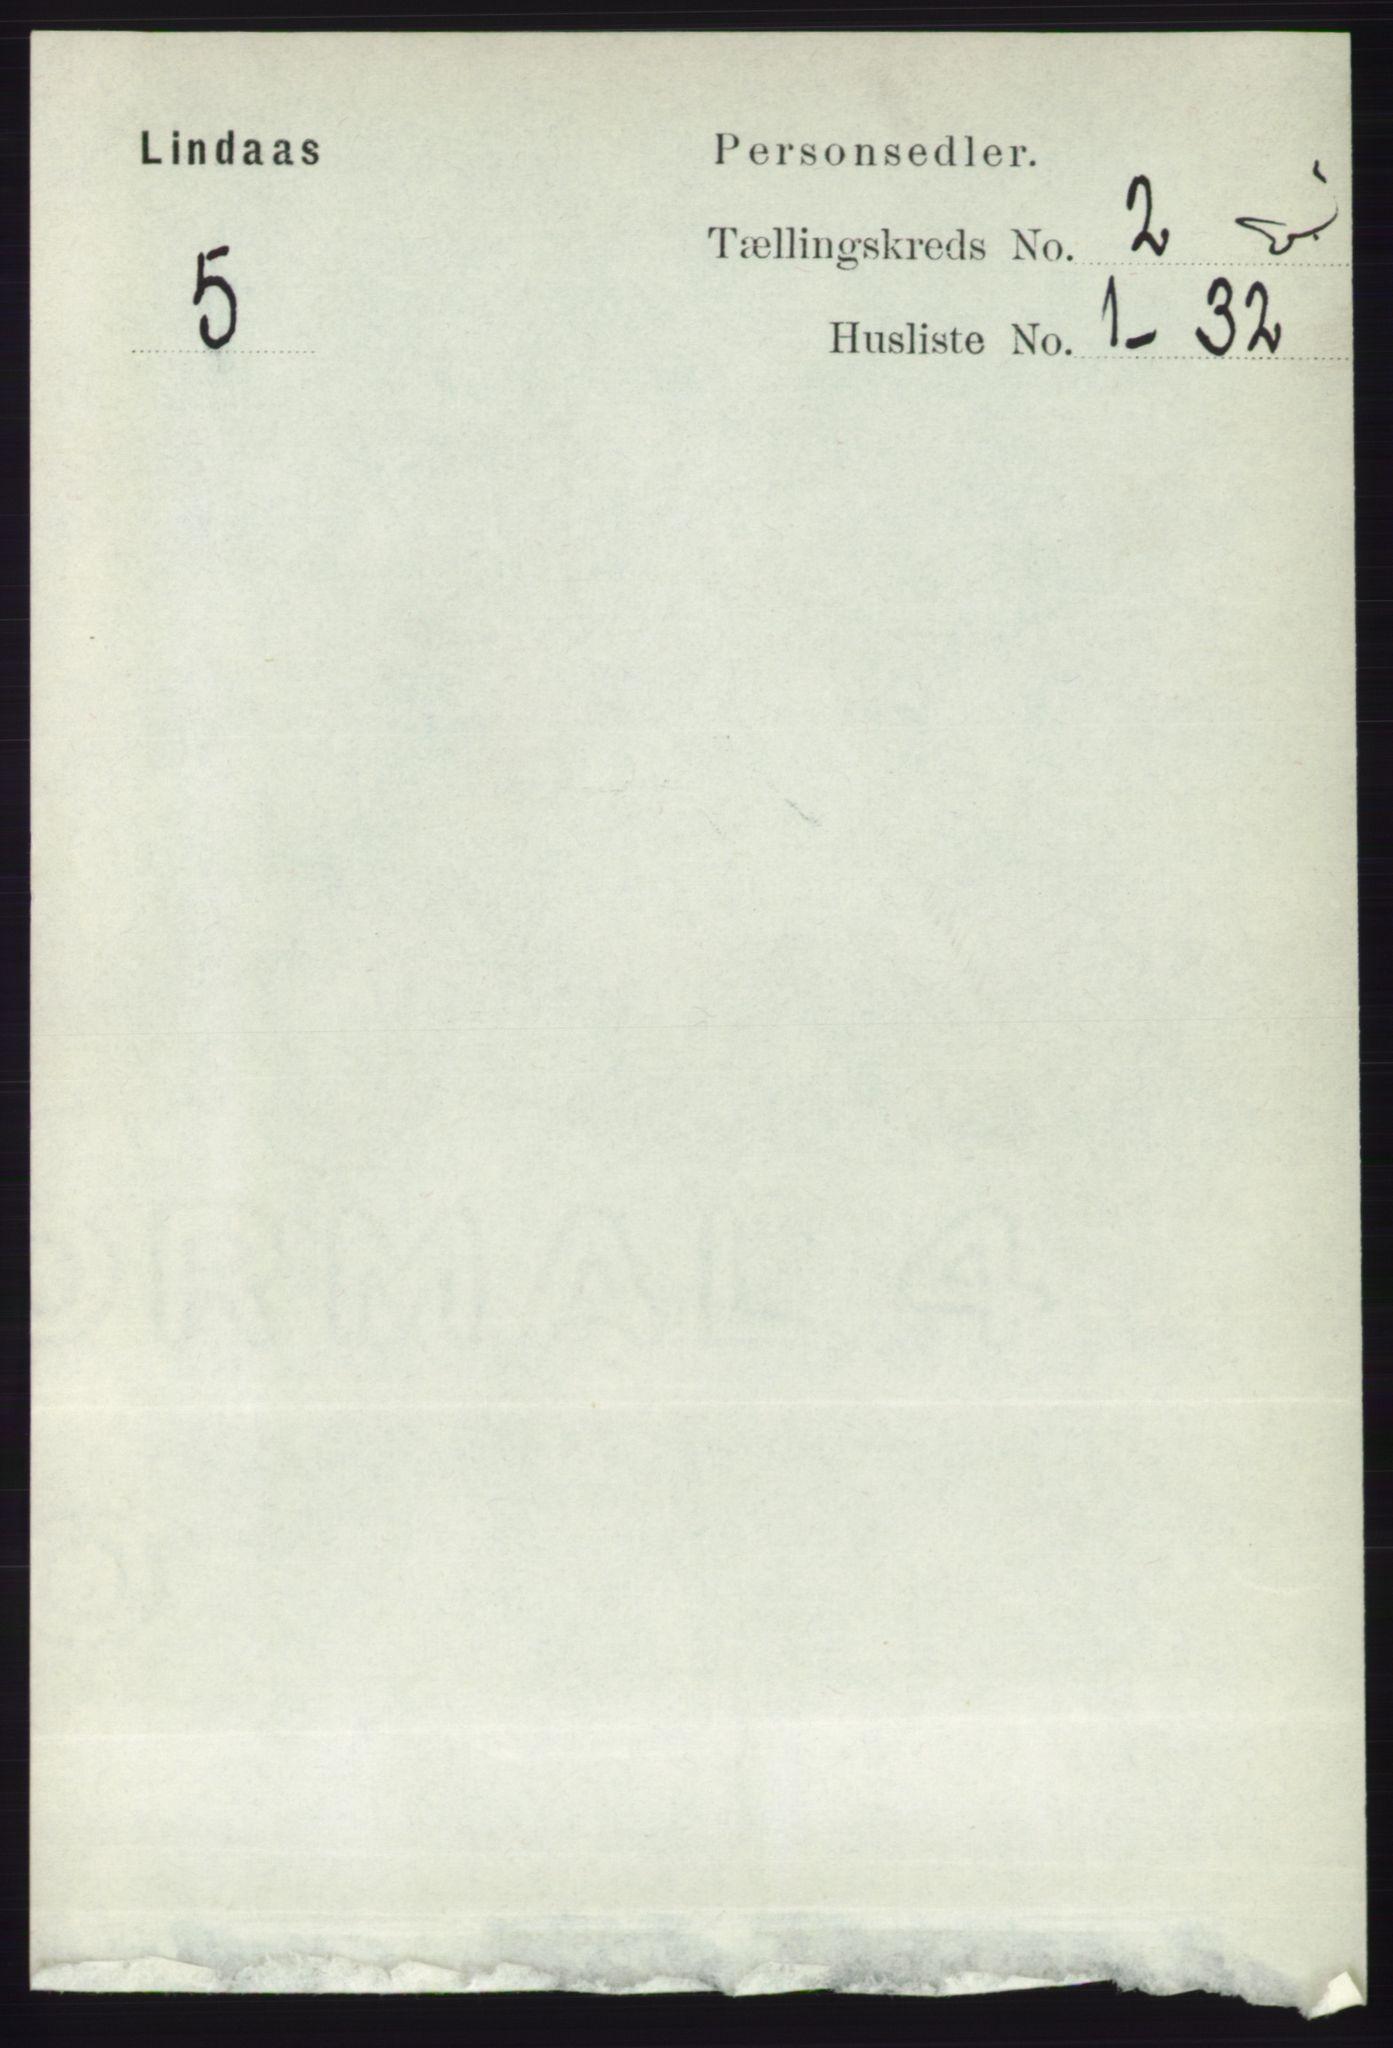 RA, Folketelling 1891 for 1263 Lindås herred, 1891, s. 428